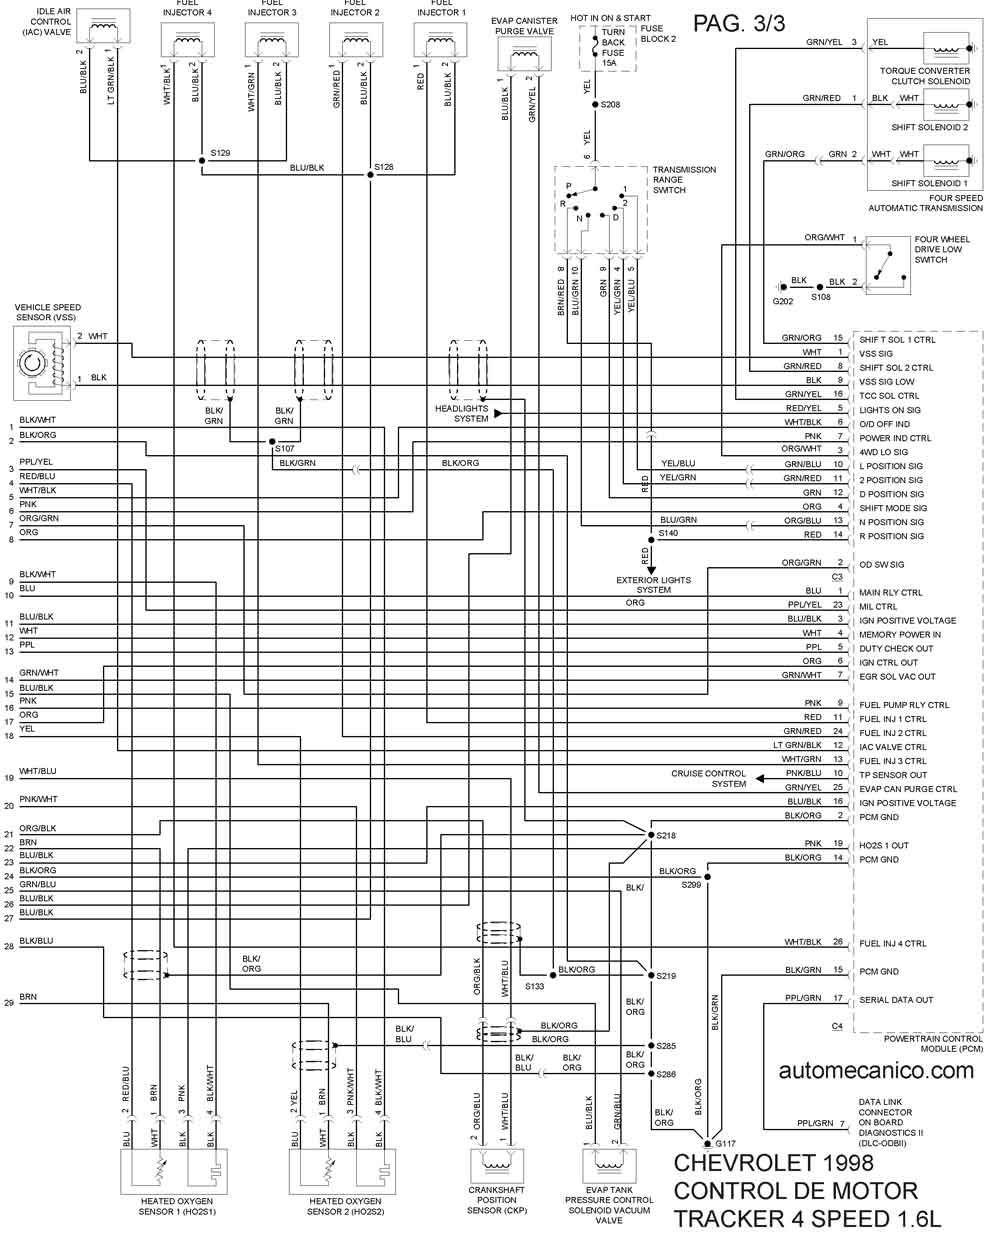 2004 pontiac montana diagrama de cableado